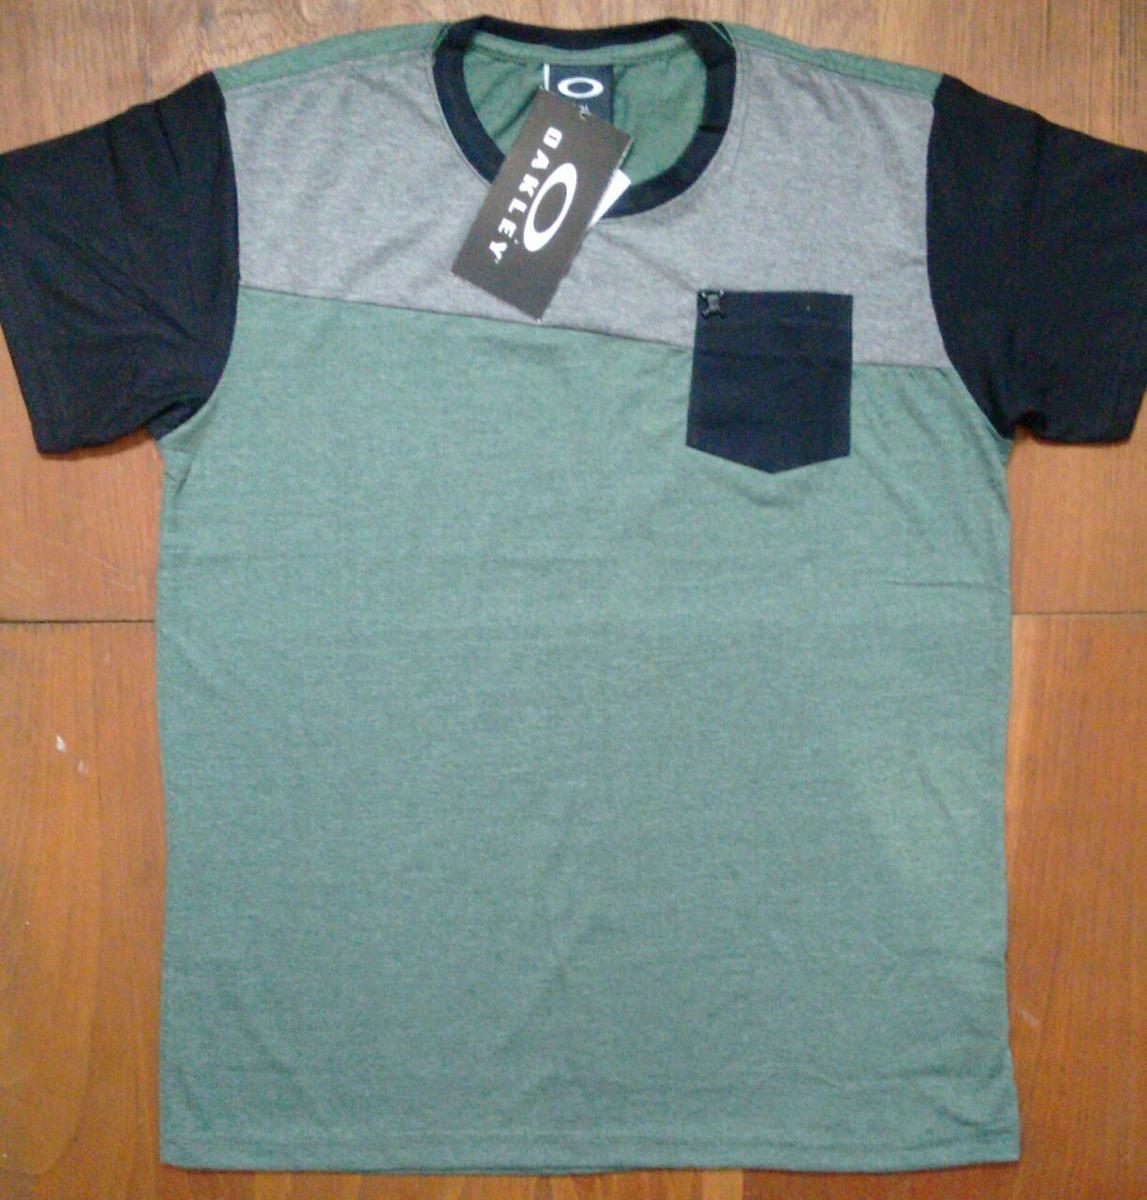 b3bcea7087a77 camiseta da oakley com símbolo de titanium no bolso. Carregando zoom.